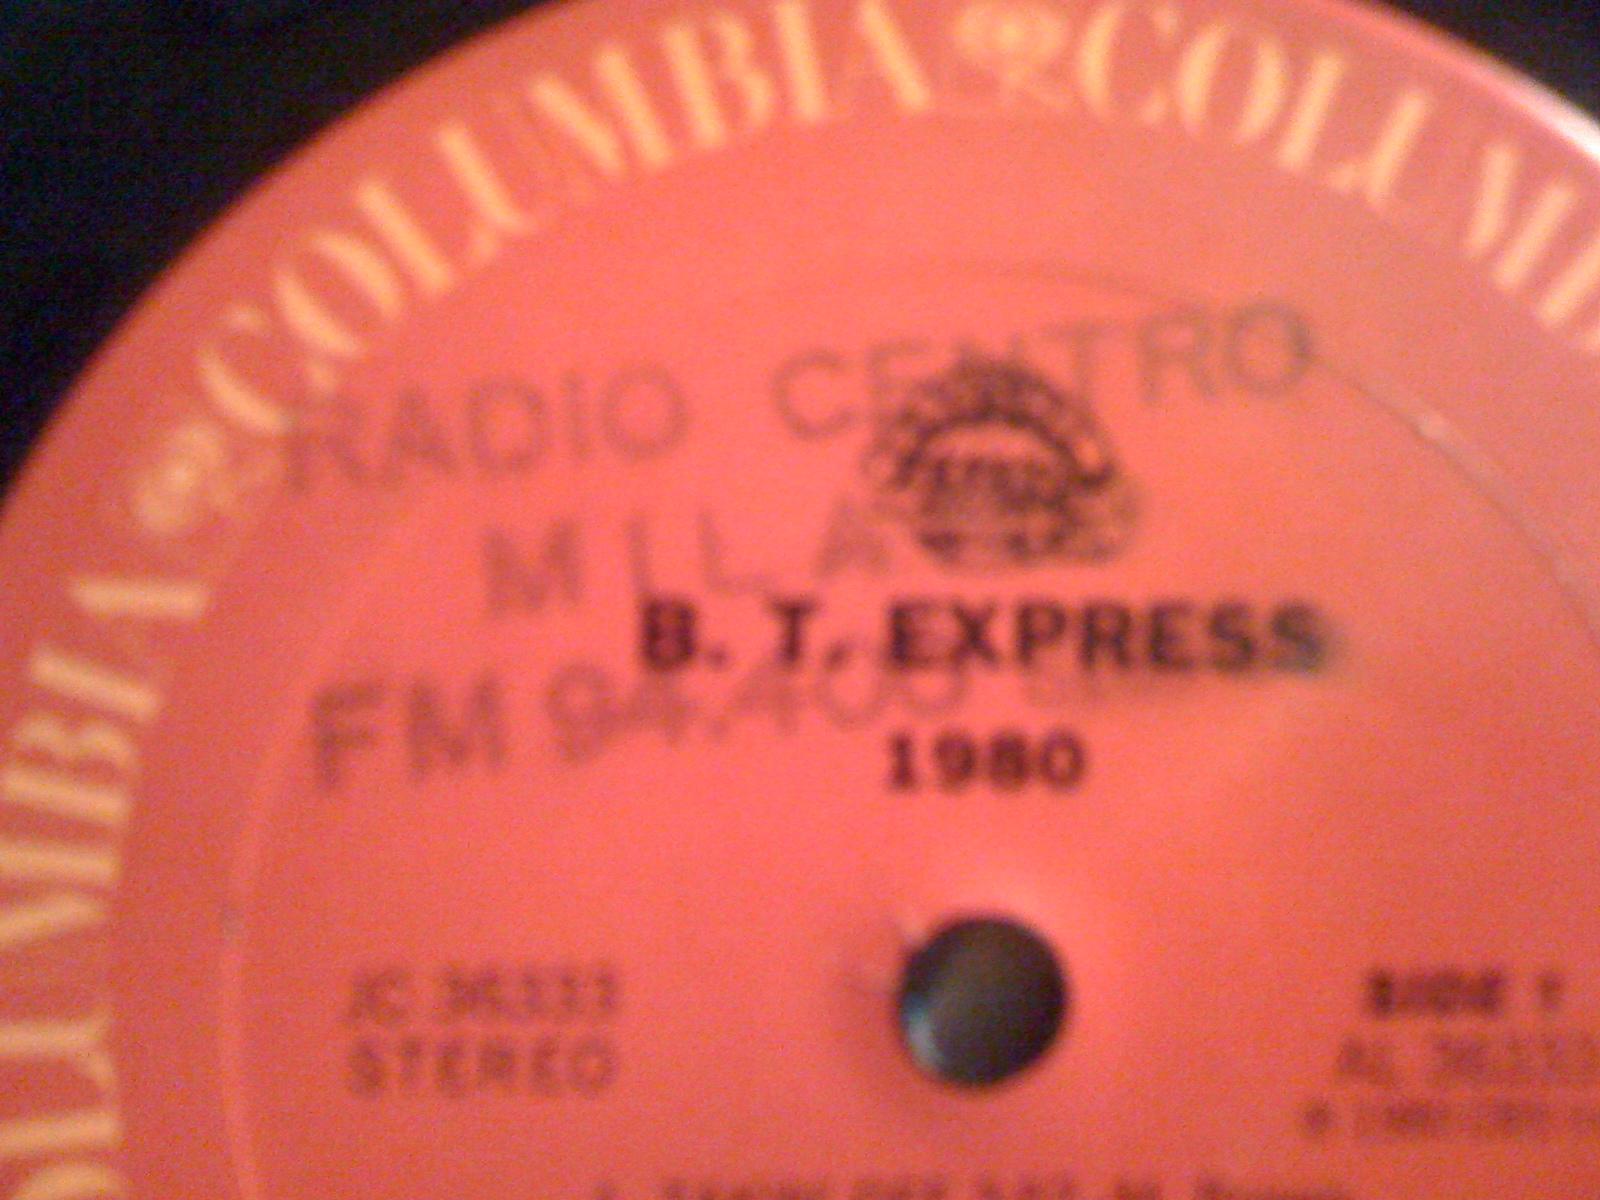 Radio20Centro20Milano vinile 1 1 - Storia della radiotelevisione italiana. Milano, 1975-1980: tripudio della radiofonia effimera